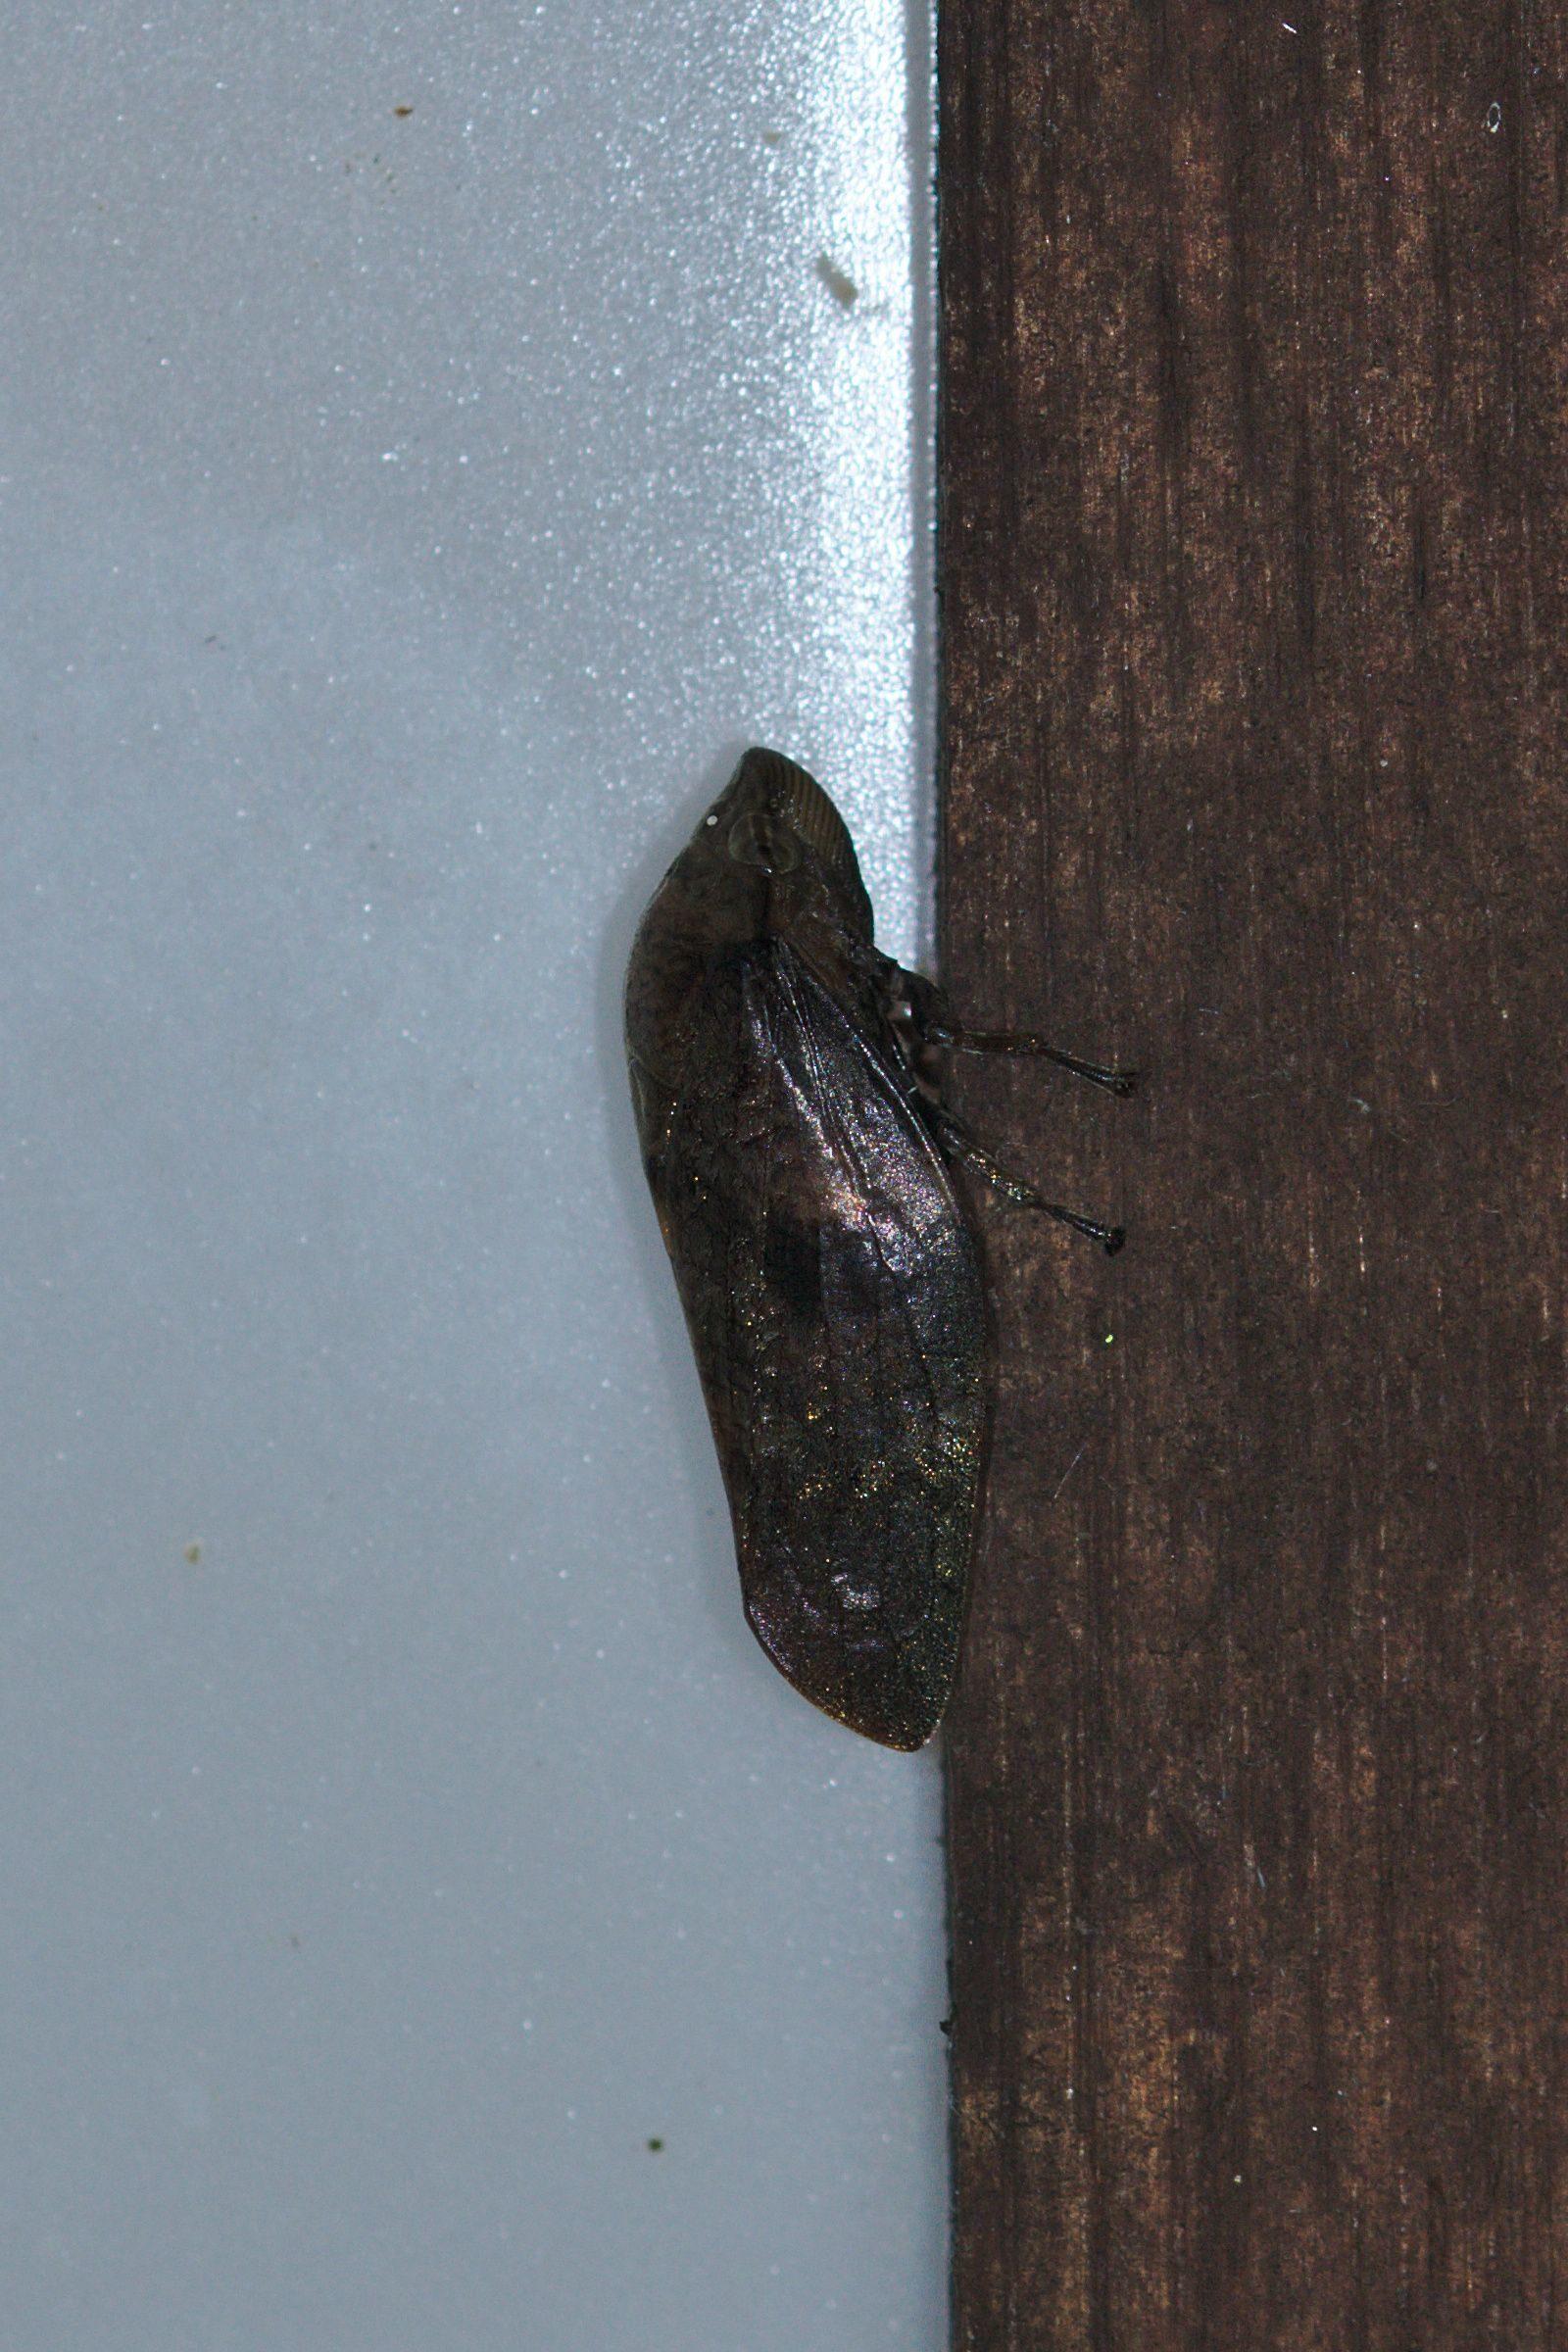 <i>Cephisus siccifolius</i> (Schaumzikade)